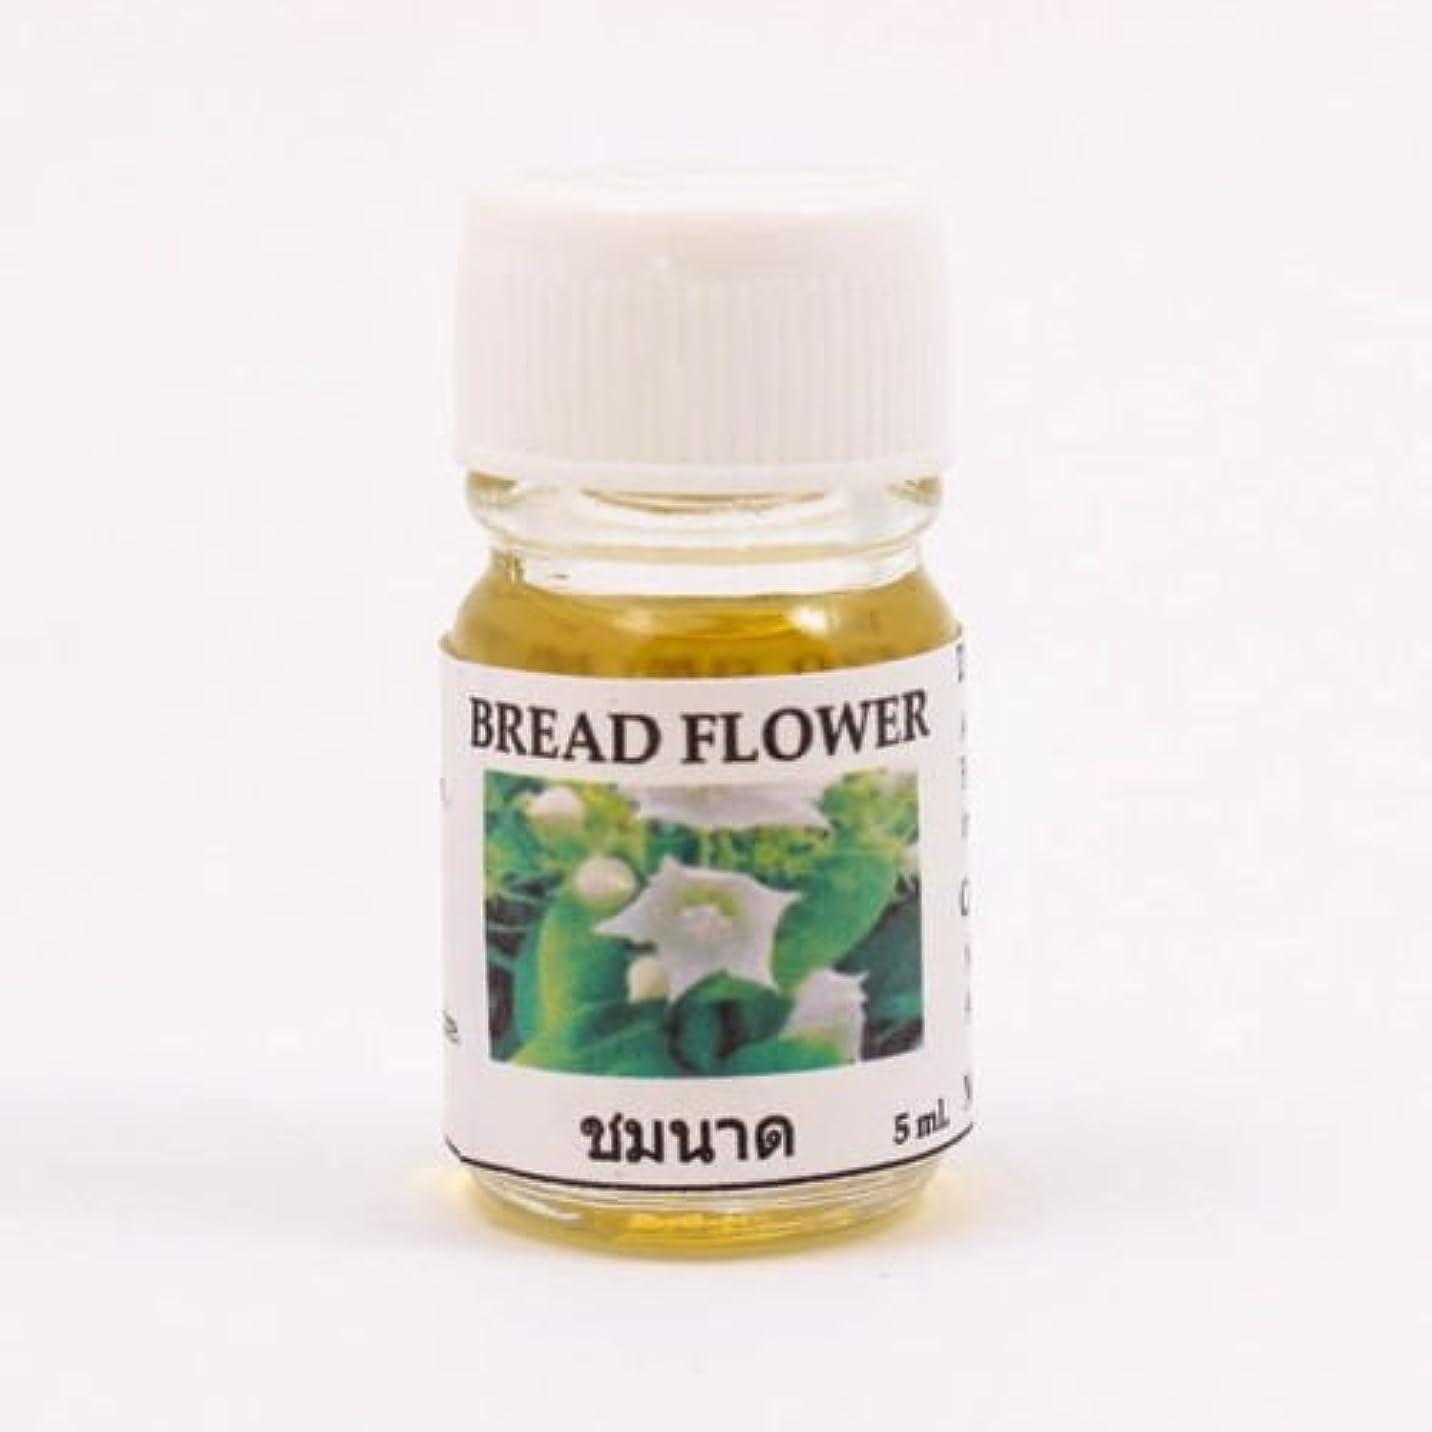 コンチネンタルバタフライ火傷6X Bread Flower Fragrance Essential Oil 5ML. (cc) Diffuser Burner Therapy